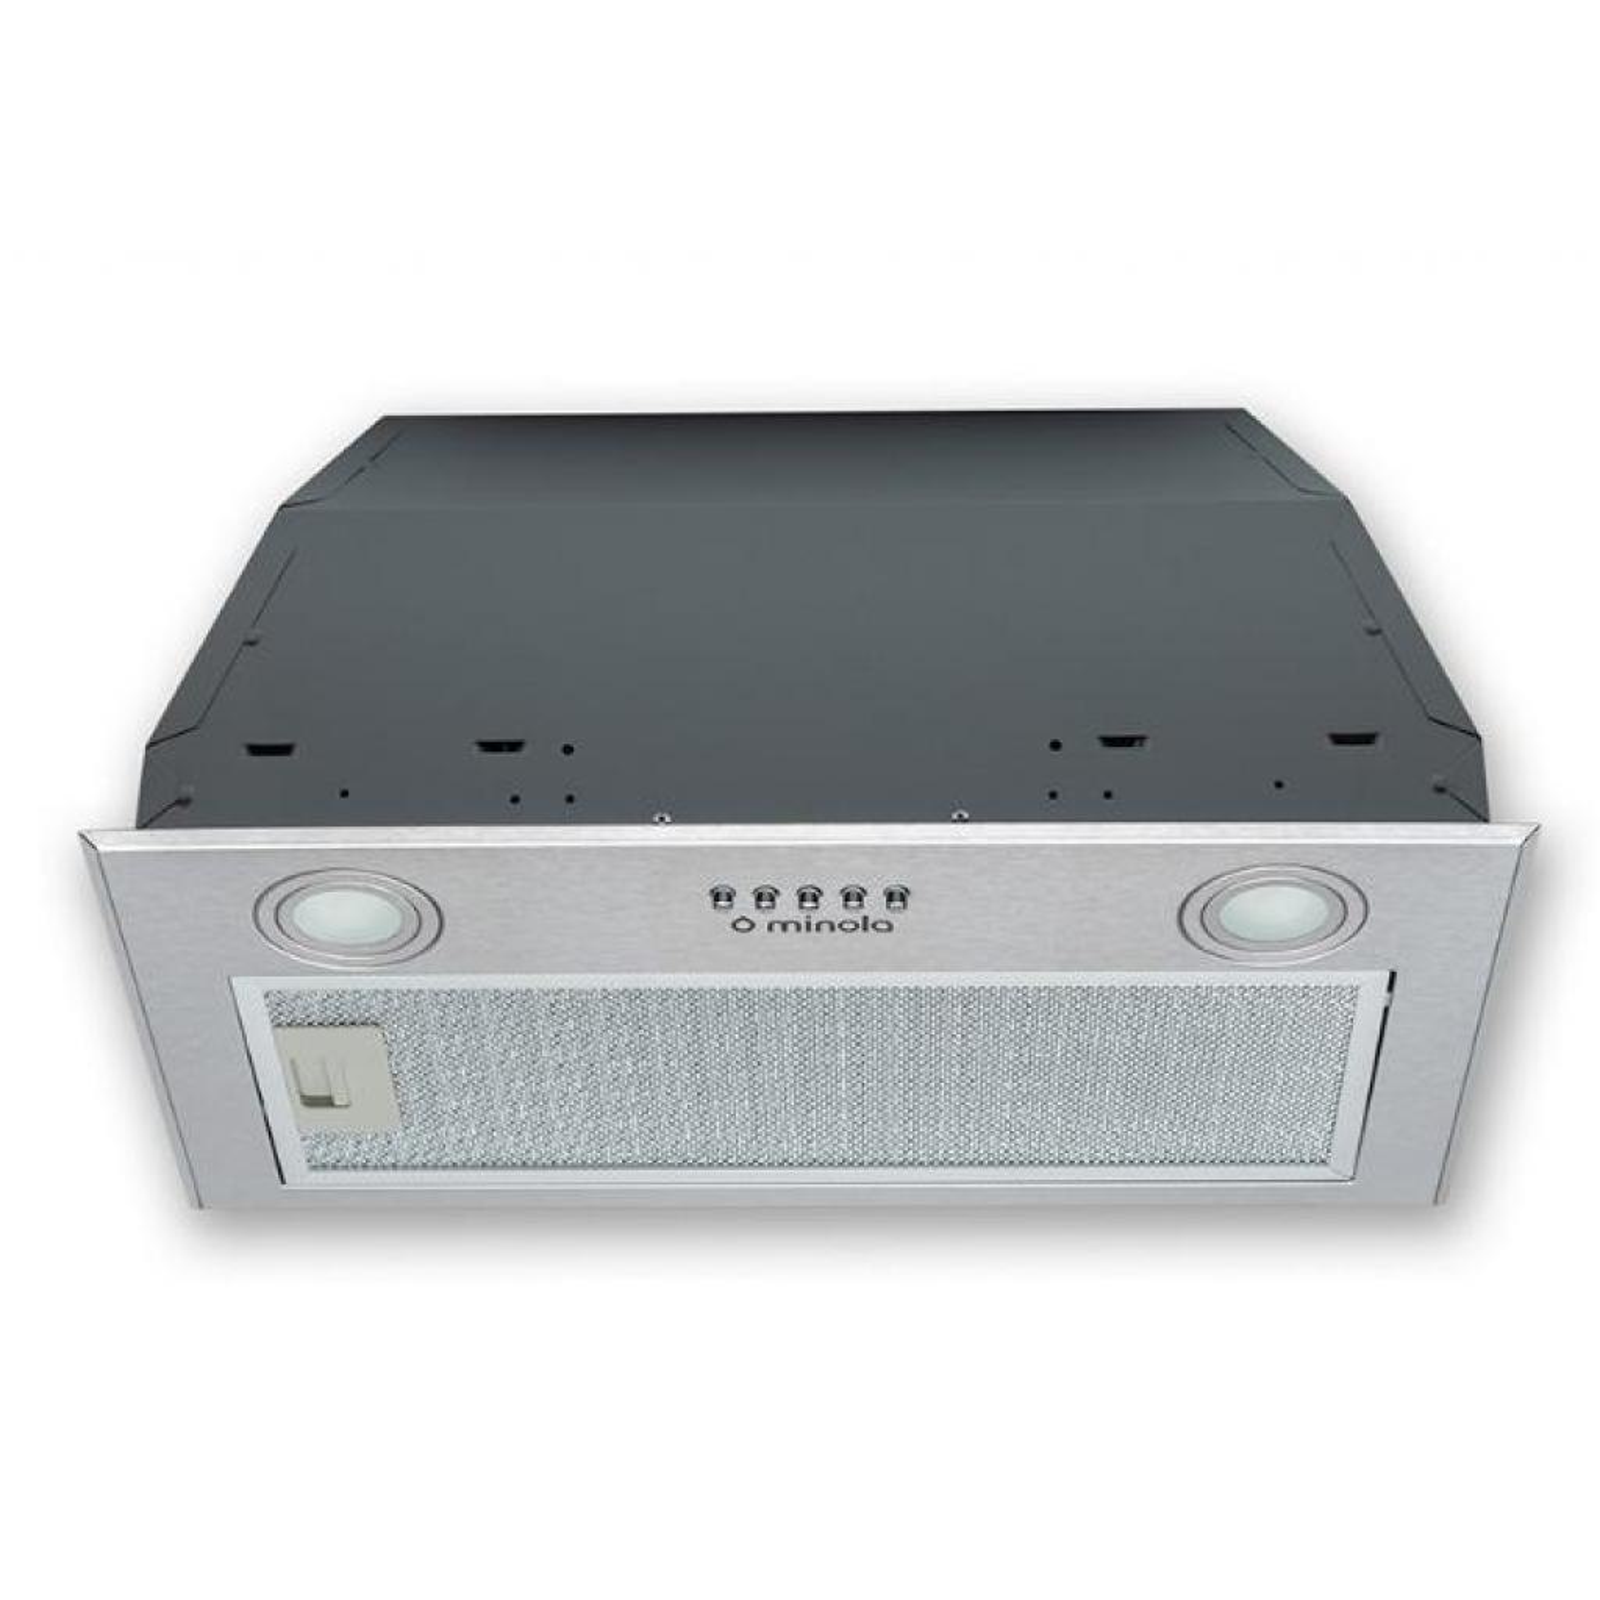 Вытяжка кухонная MINOLA HBI 5622 I 1000 LED изображение 2